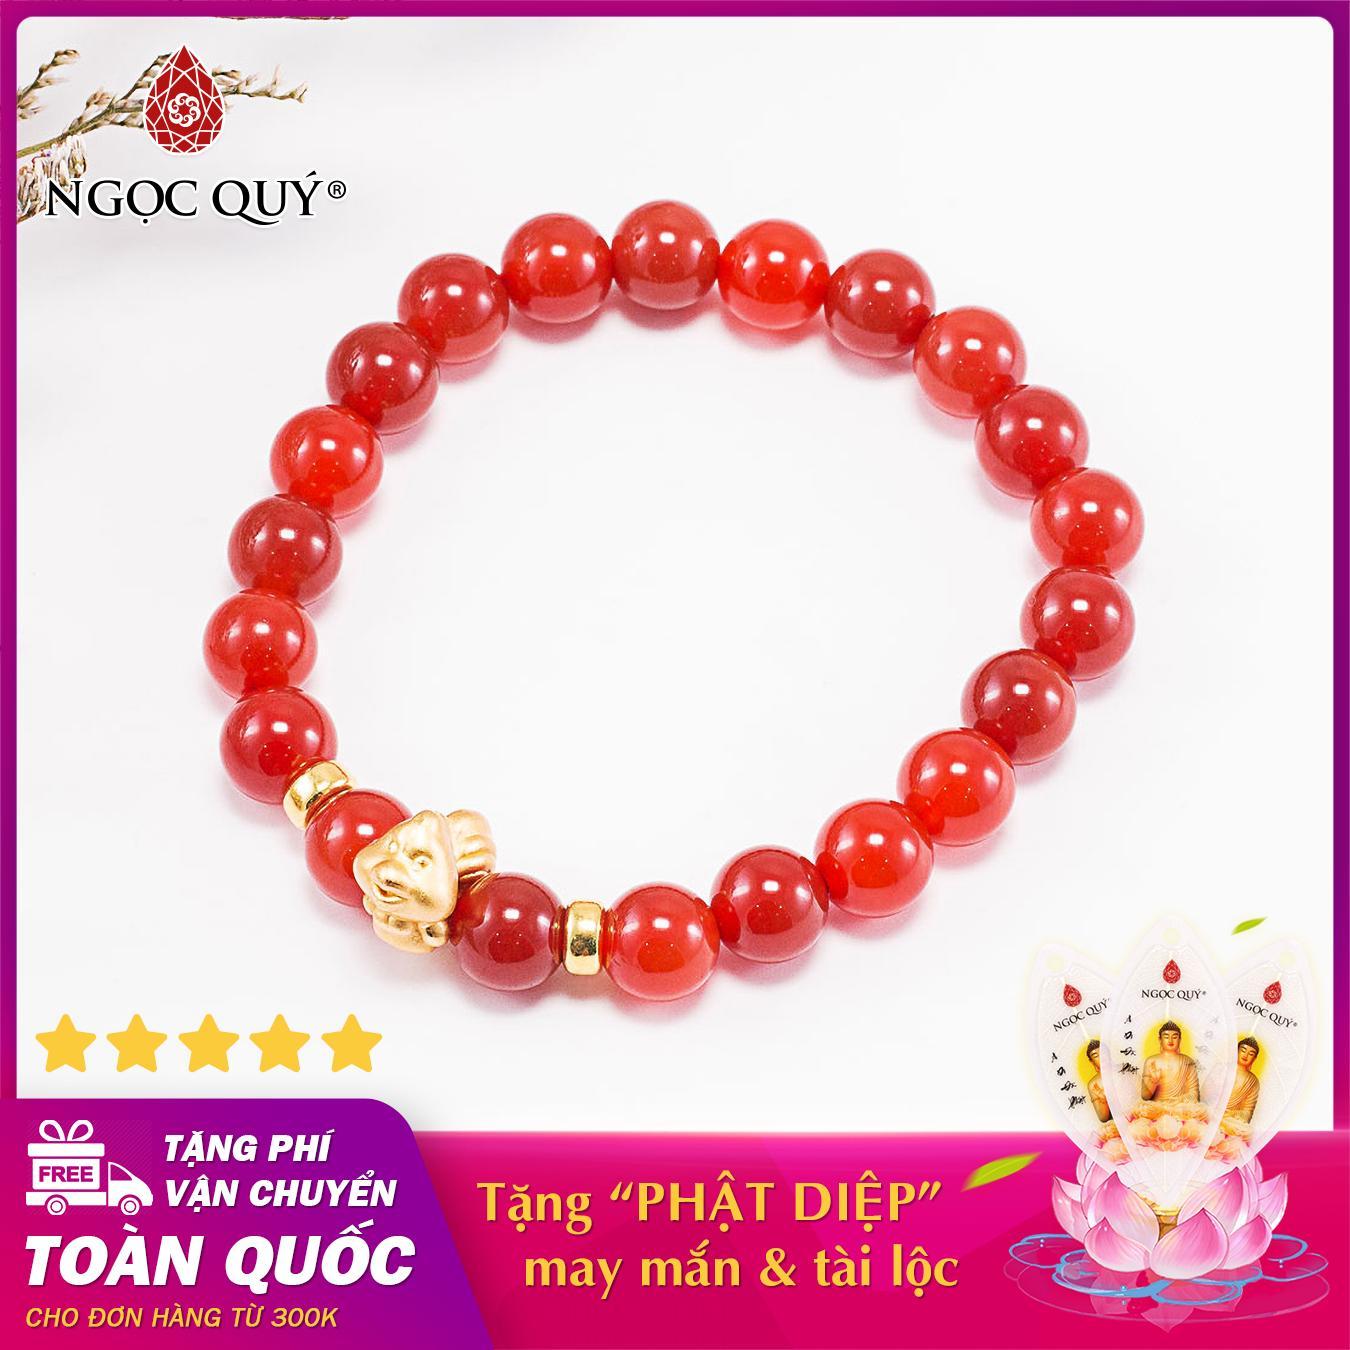 Vòng tay phong thủy đá mã não đỏ charm tuổi tuất bạc mạ vàng 24k 8mm mệnh hỏa , thổ - Ngọc Quý Gemstones